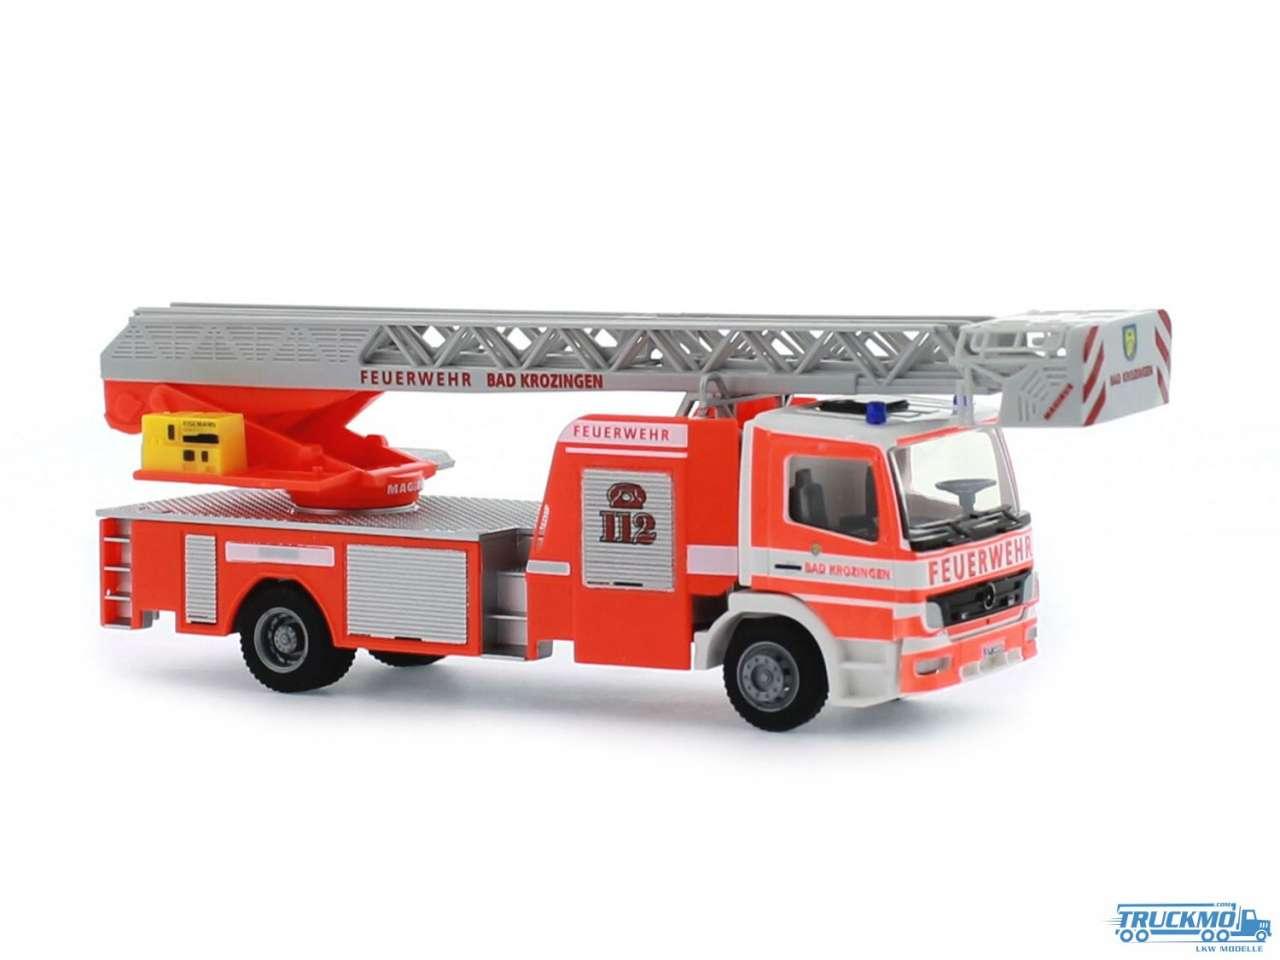 Rietze Feuerwehr Bad Krozingen Mercedes Benz Atego DLK L-AS 71608